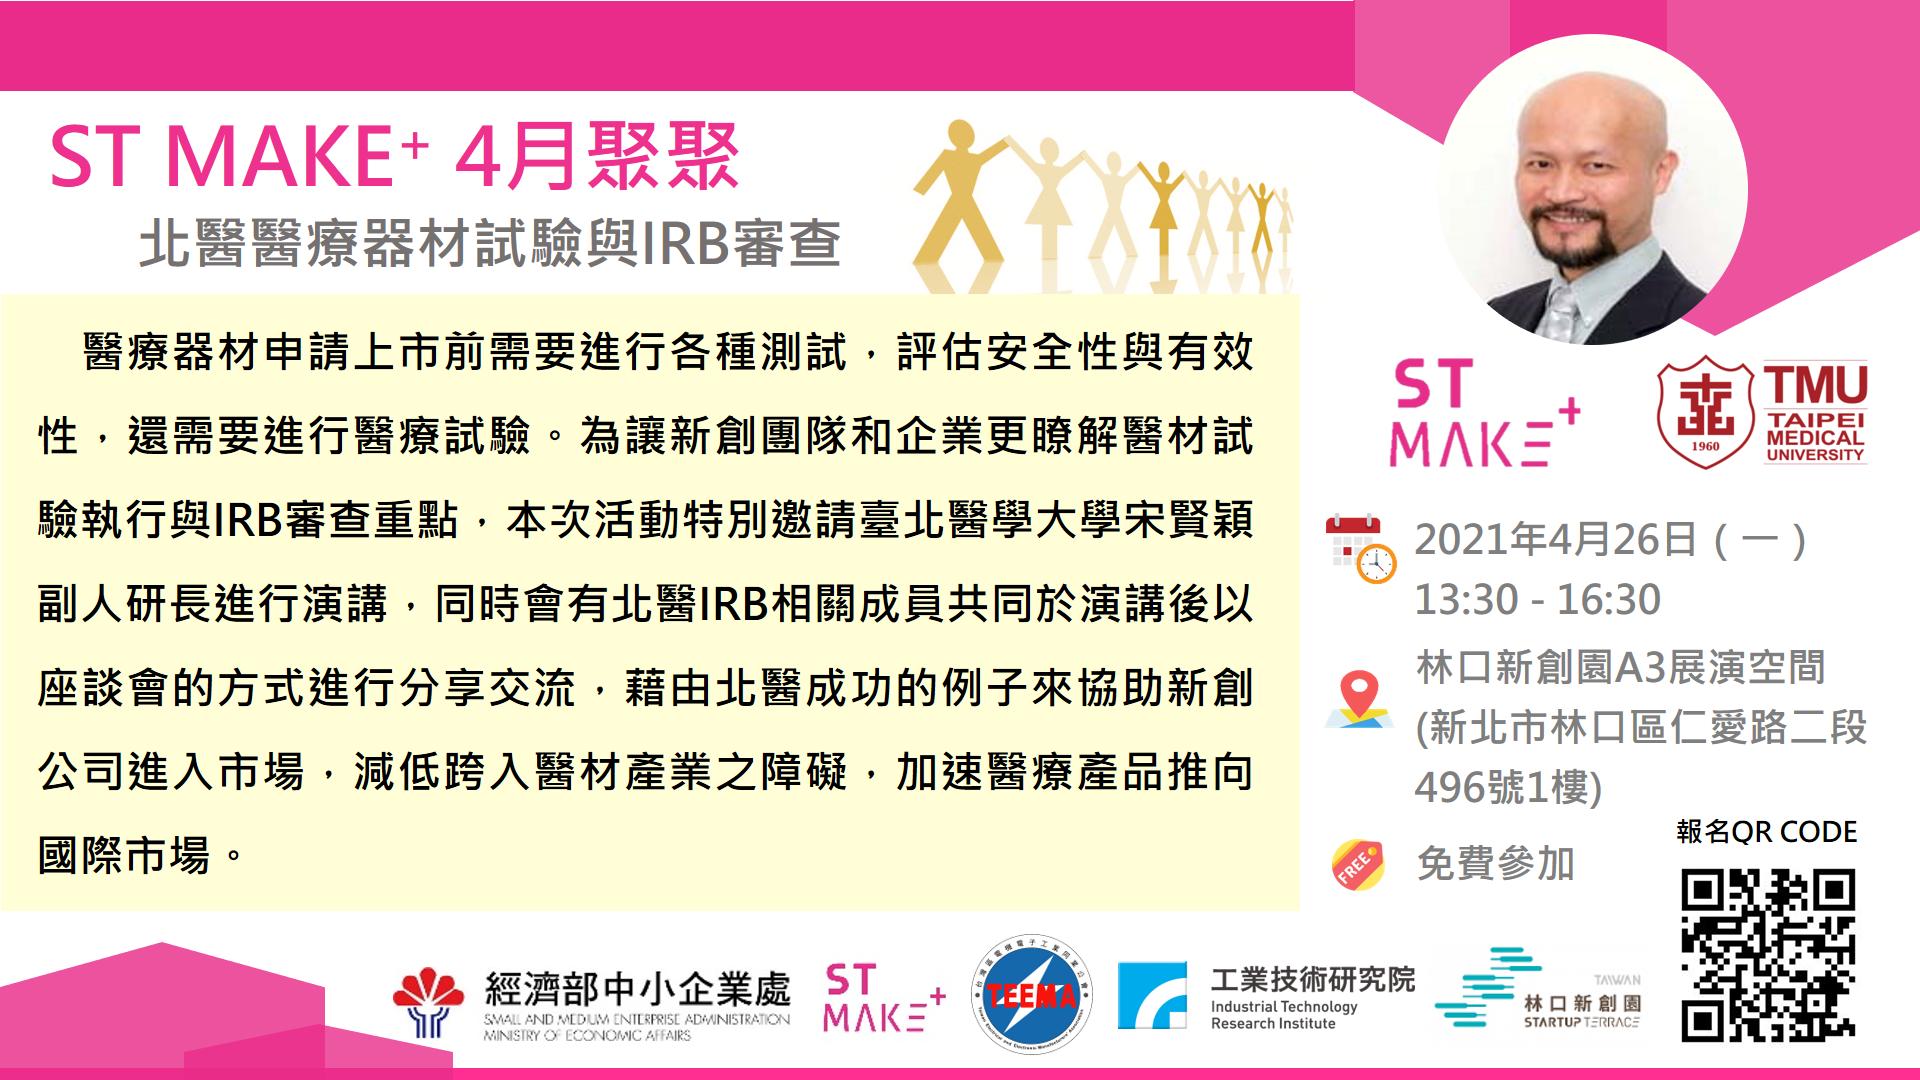 【ST MAKE+ 4月聚聚】北醫醫療器材試驗與IRB審查